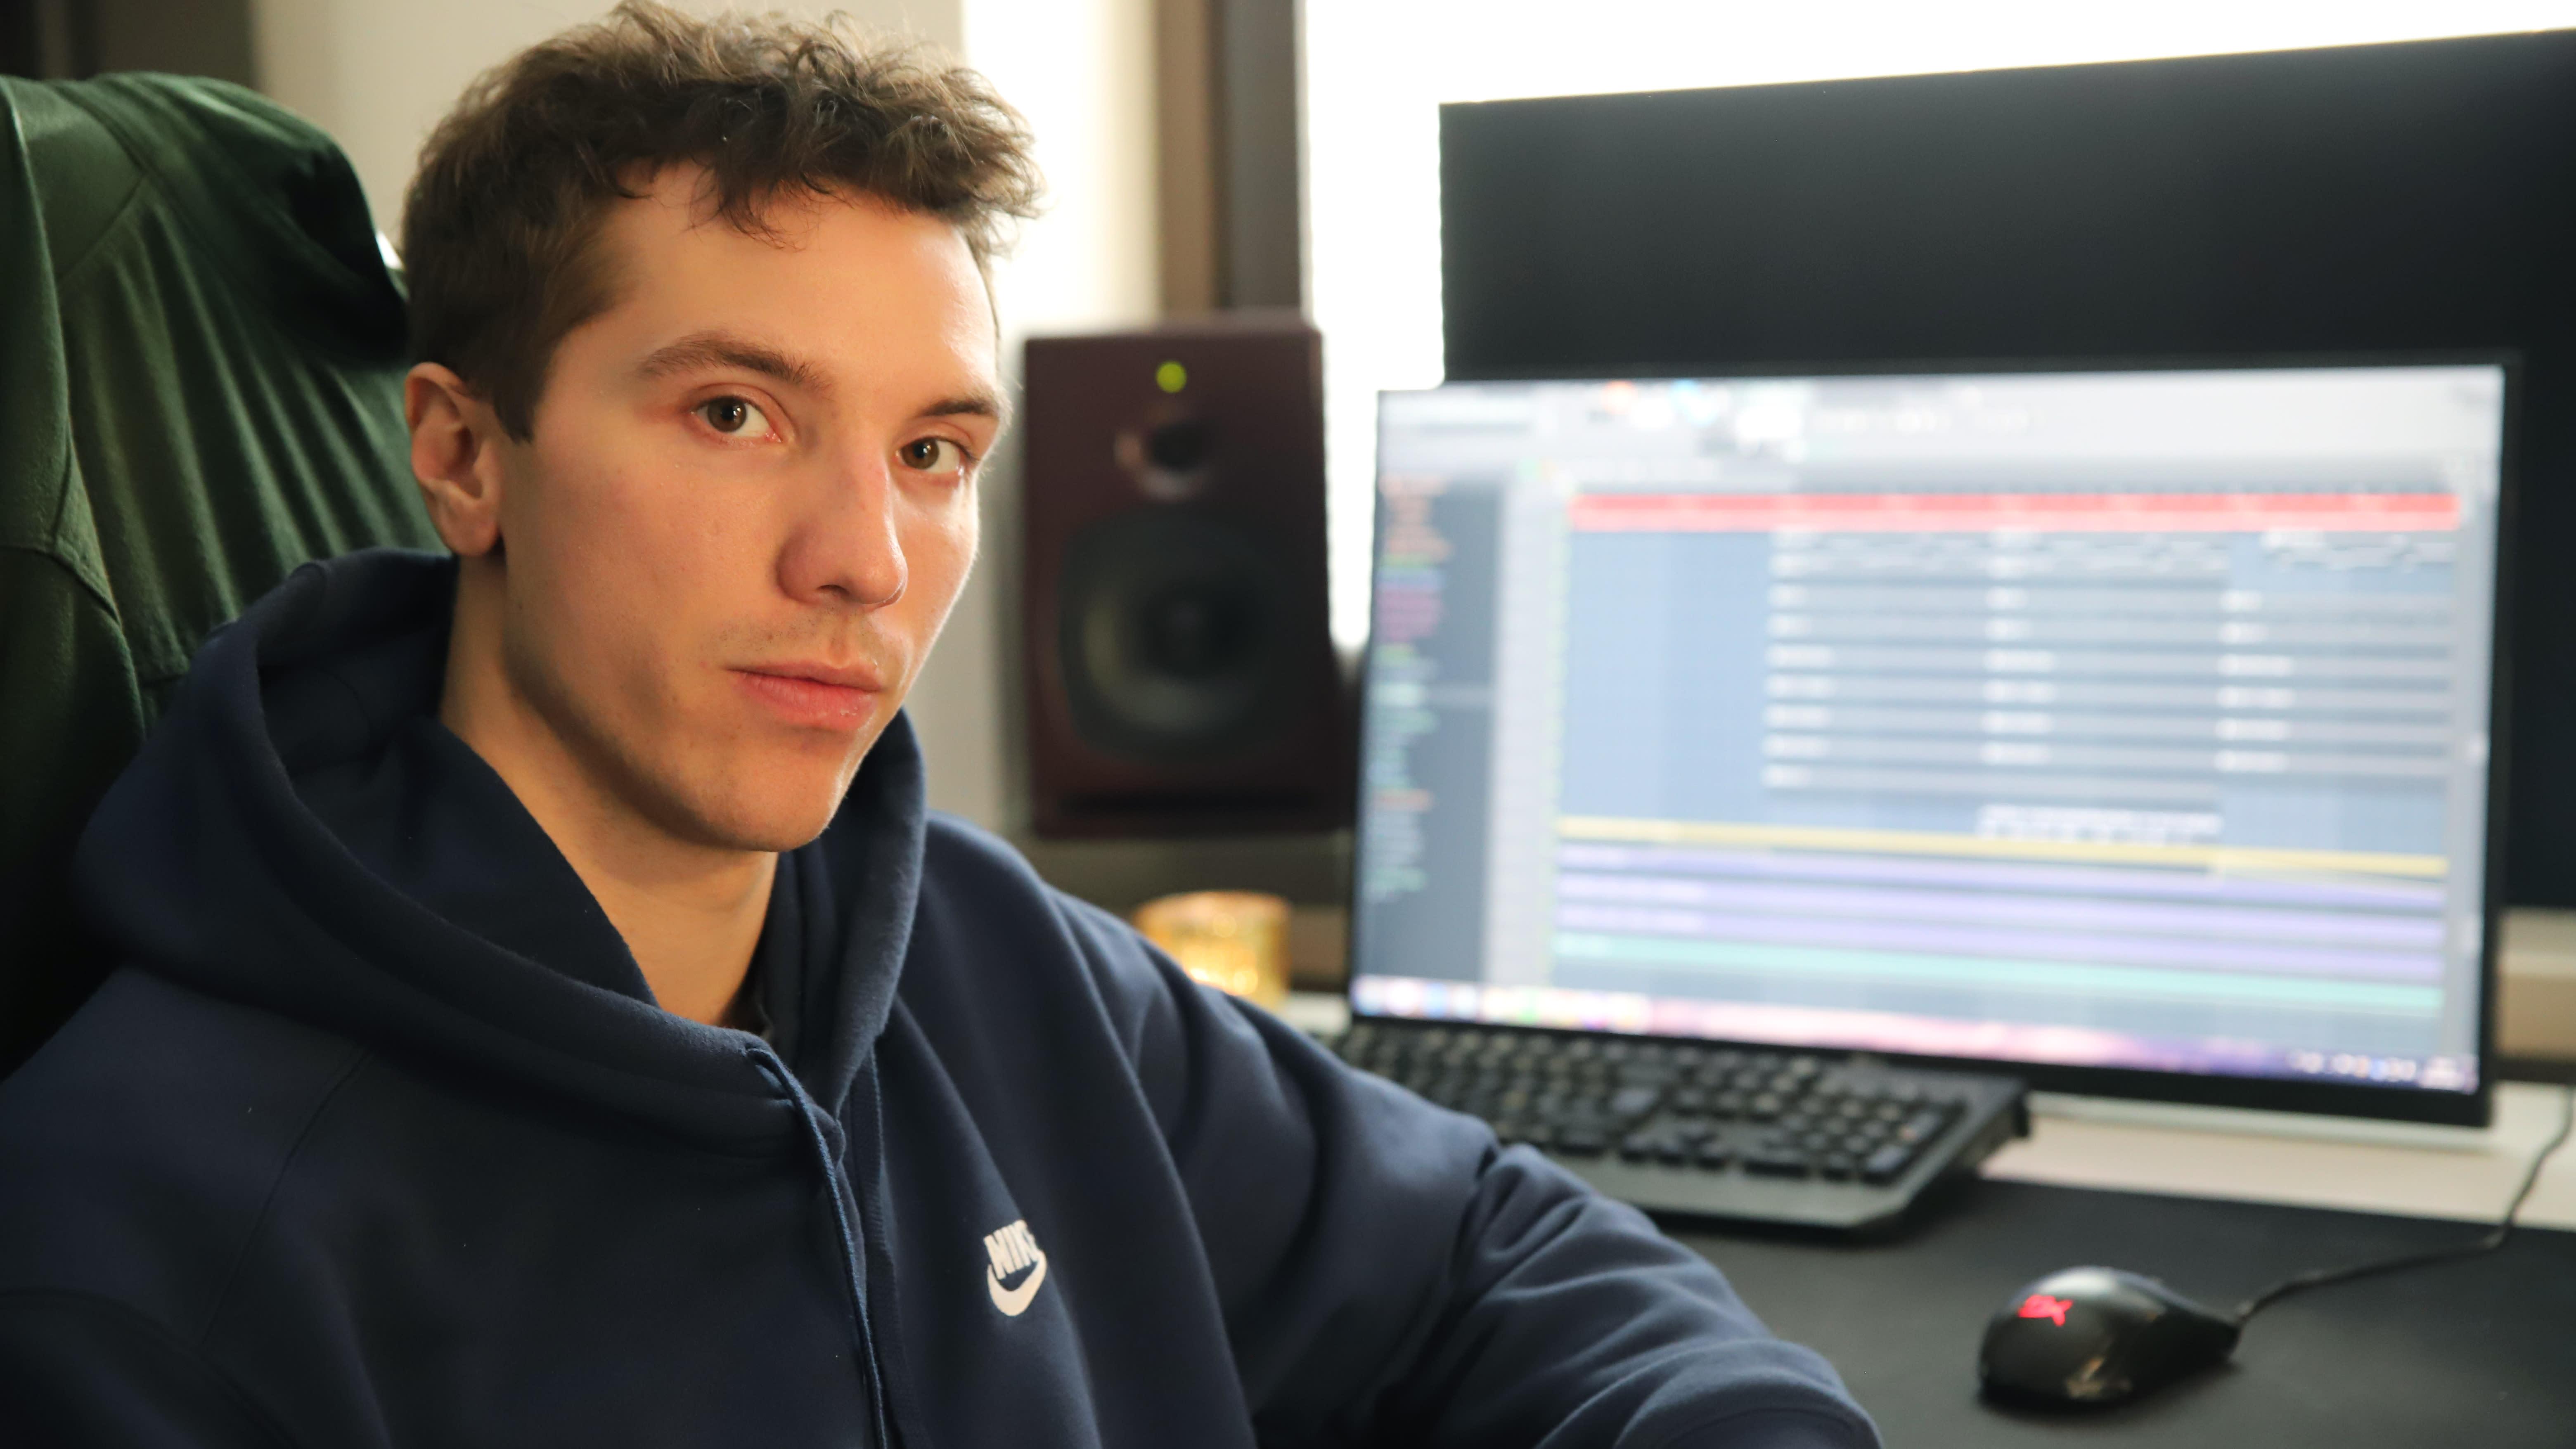 Tuottaja Anselmi Ala-Kaila, taiteilijanimeltään Aitio.